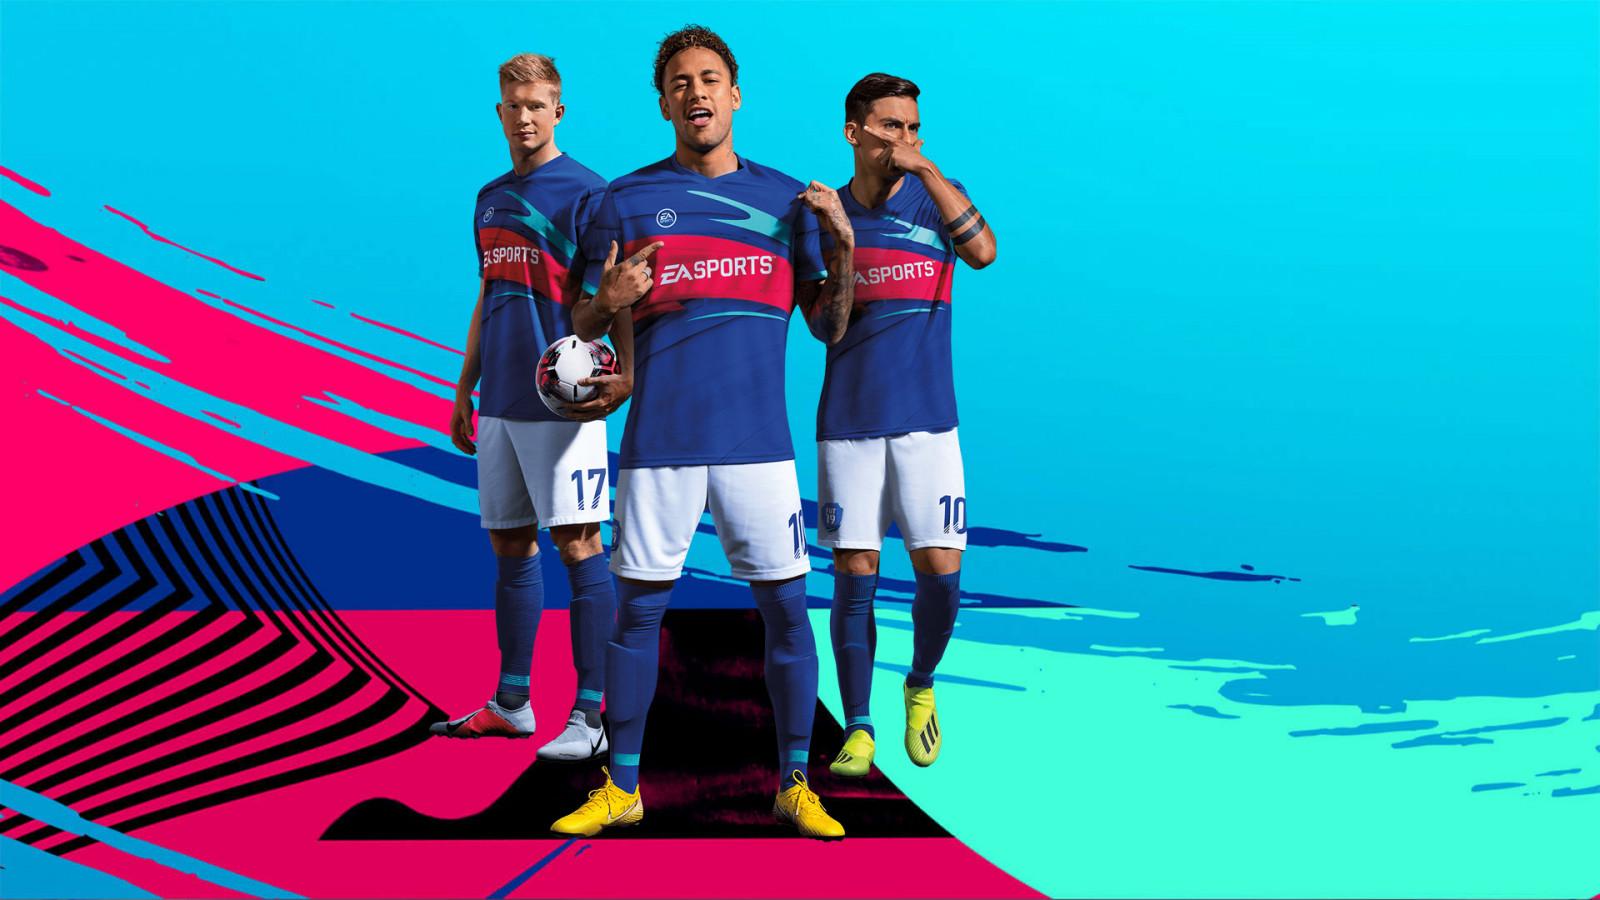 Wallpaper : FIFA Online 4, Neymar, Kevin De Bruyne, Paulo